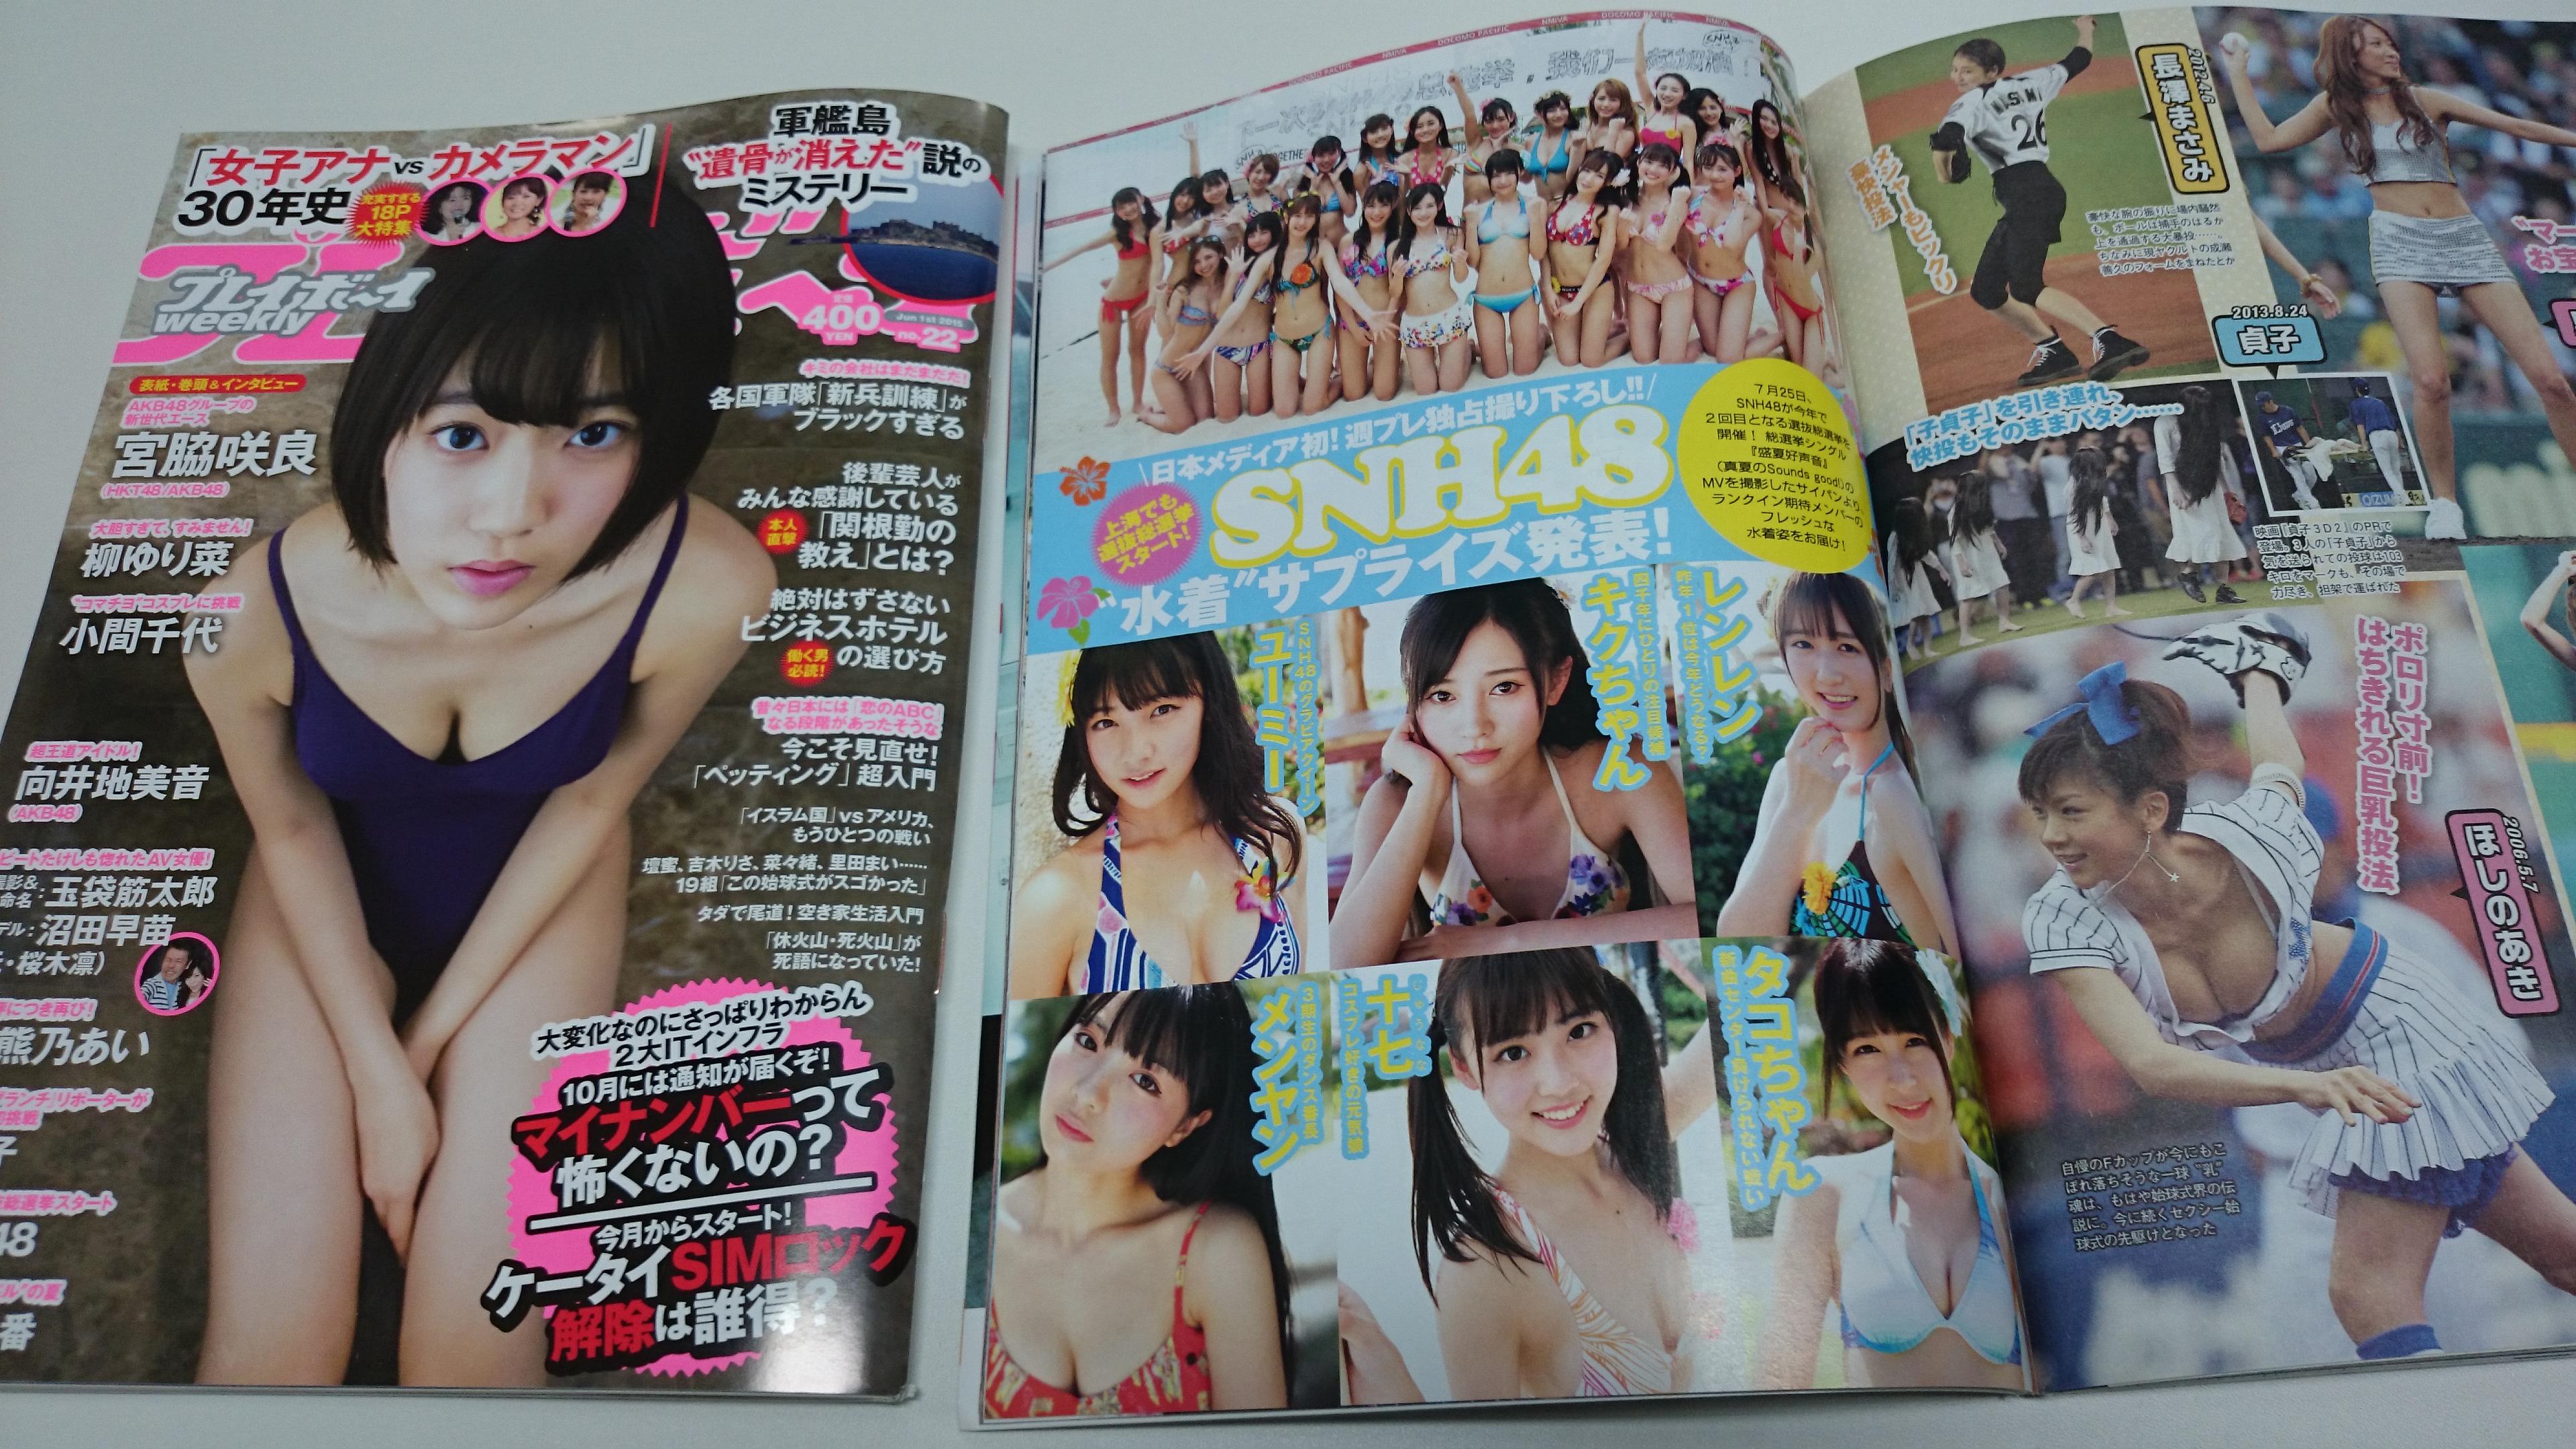 SNH48水着選抜のグラビアが週刊プレイボーイに掲載されました!(ユーミー、タコちゃんなど)